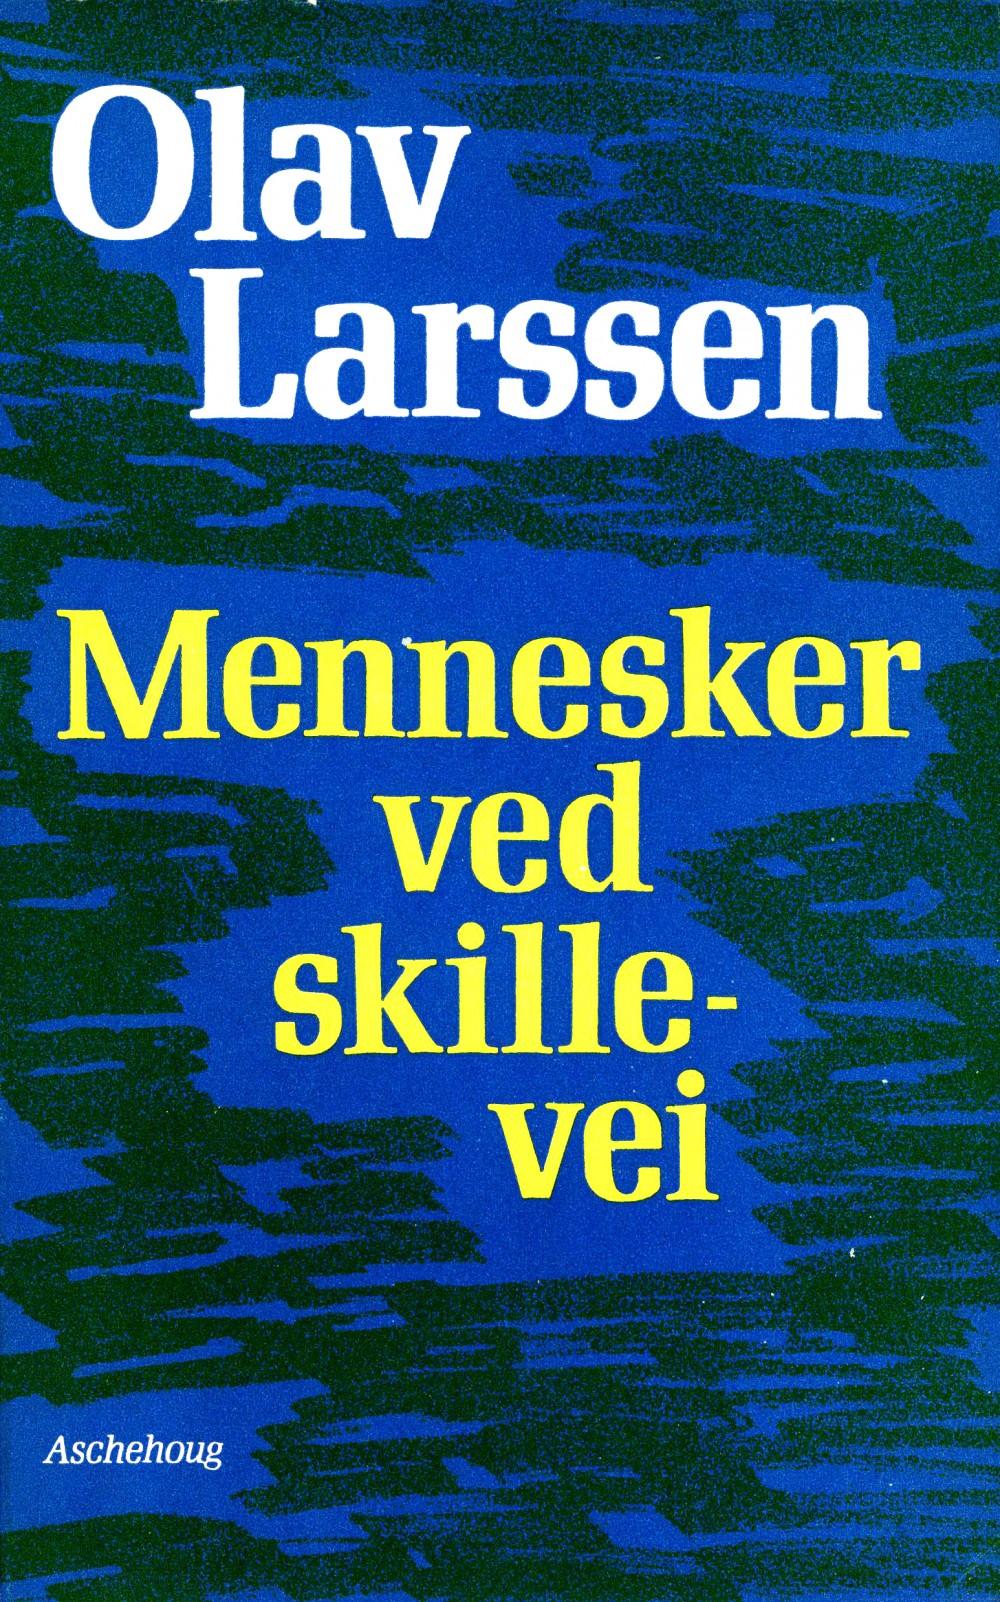 Olav Larssen: Mennesker ved skillevei